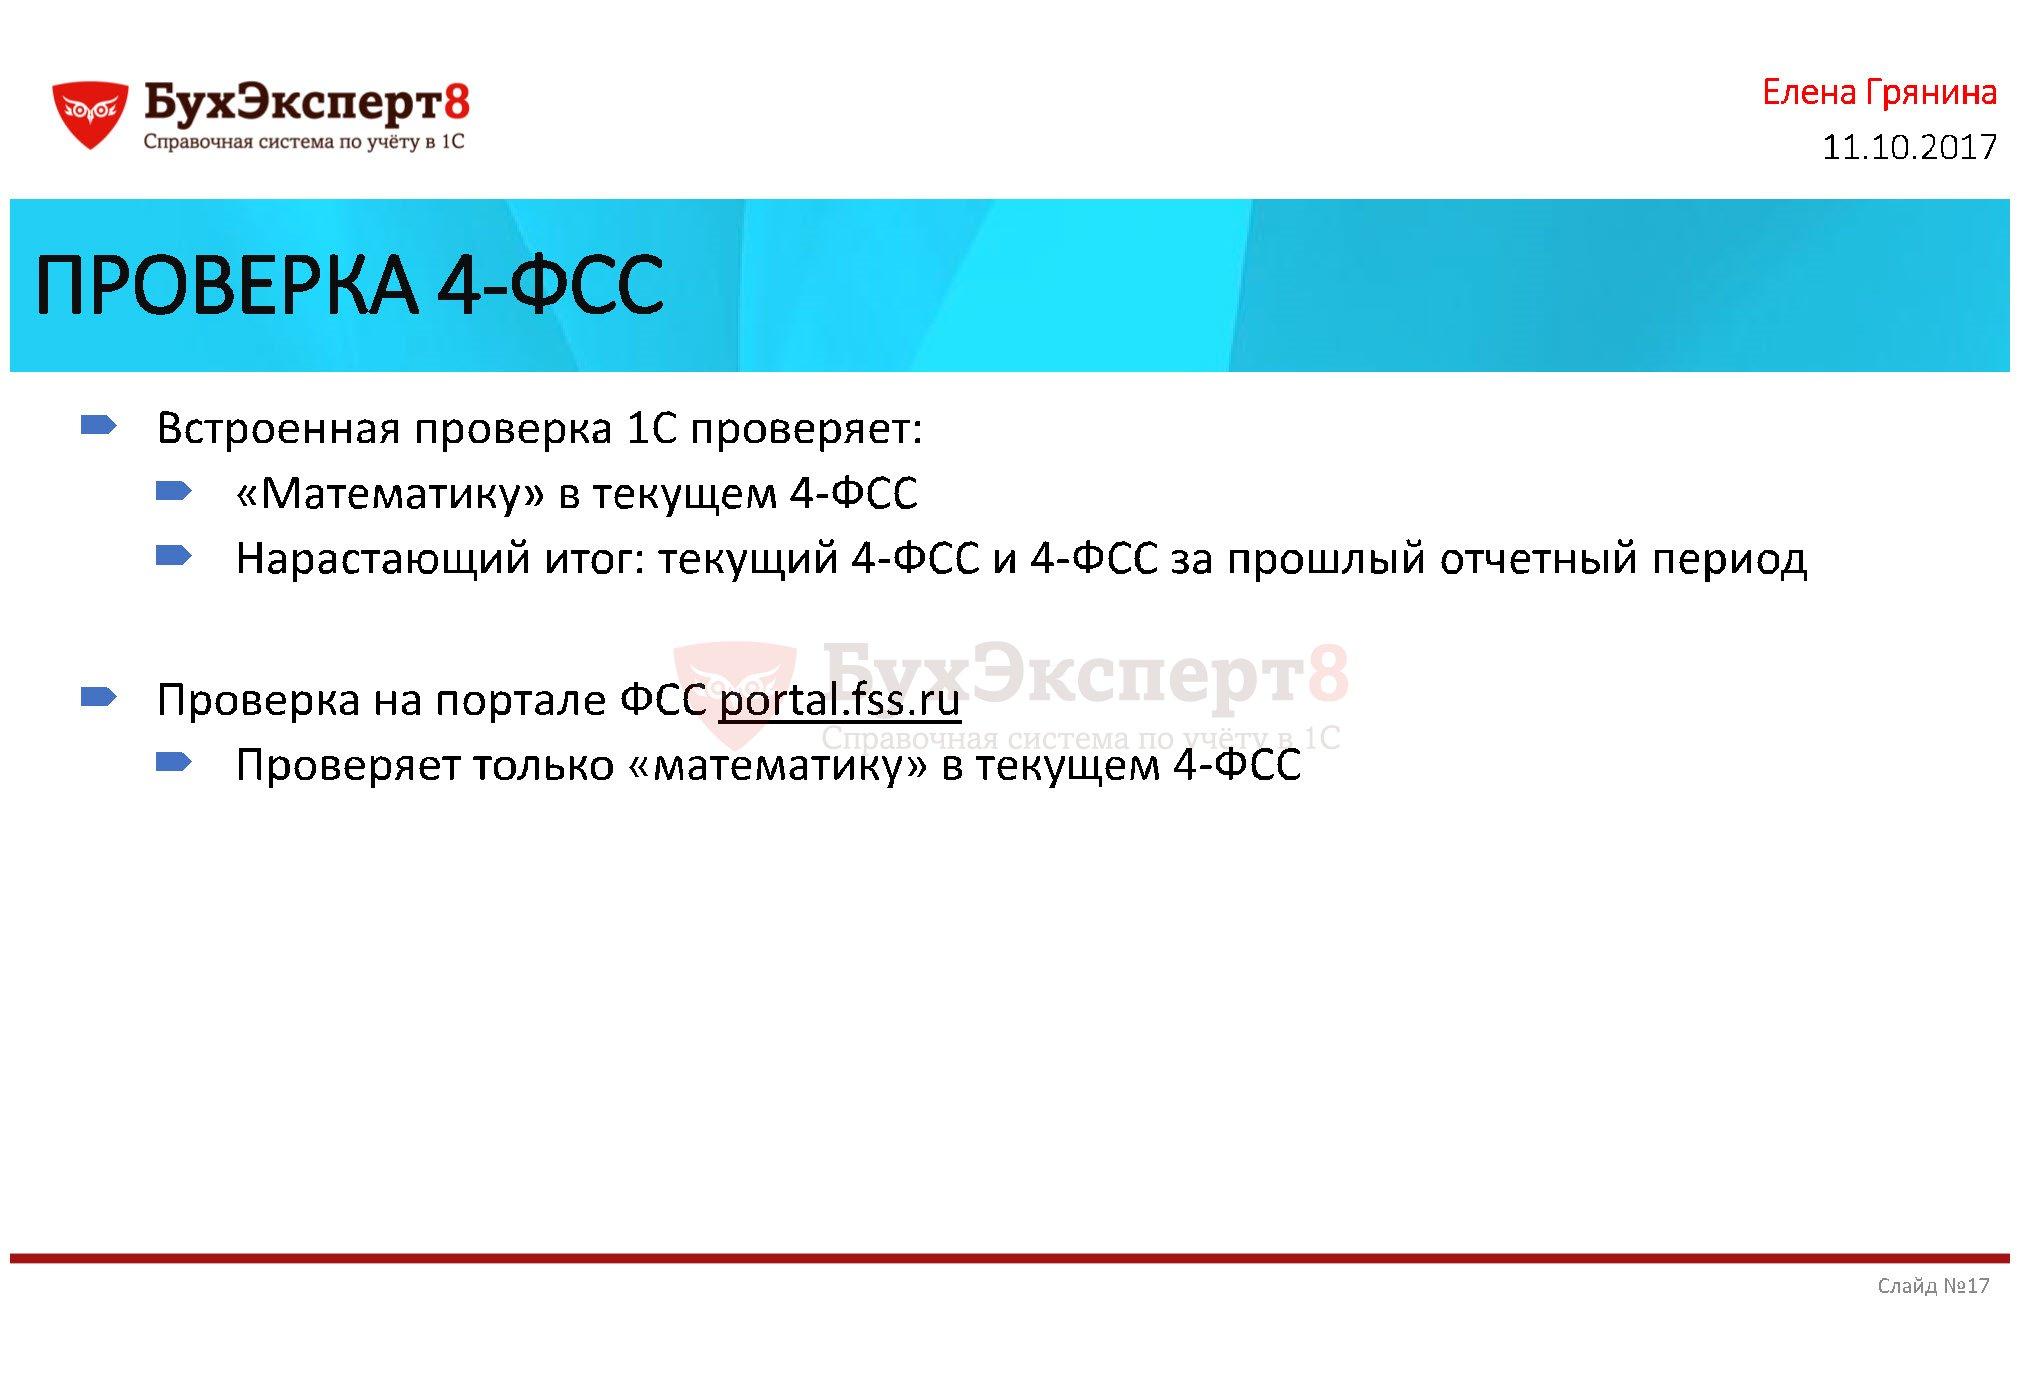 ПРОВЕРКА 4-ФСС Встроенная проверка 1С проверяет: «Математику» в текущем 4-ФСС Нарастающий итог: текущий 4-ФСС и 4-ФСС за прошлый отчетный период Проверка на портале ФСС portal.fss.ru Проверяет только «математику» в текущем 4-ФСС